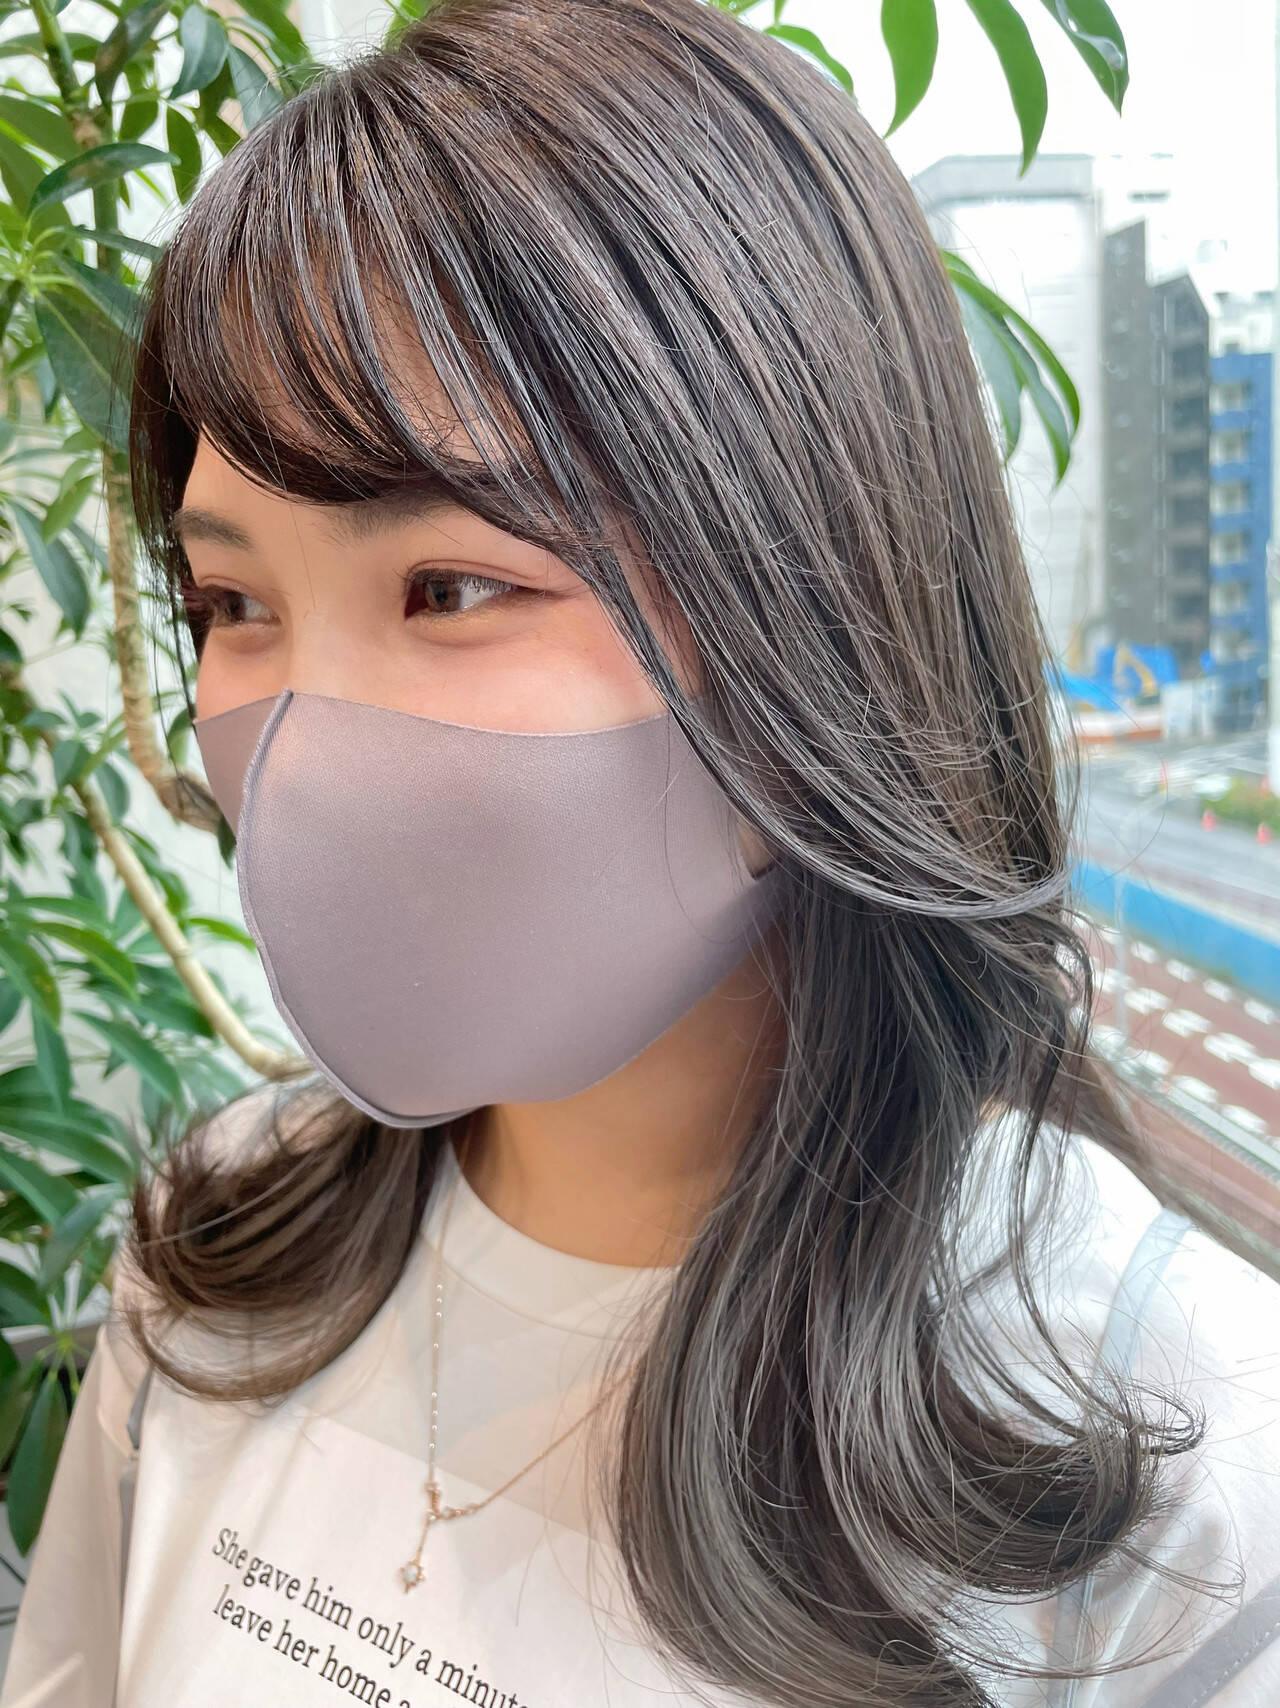 ミディアム グレー アッシュグレー 韓国ヘアスタイルや髪型の写真・画像